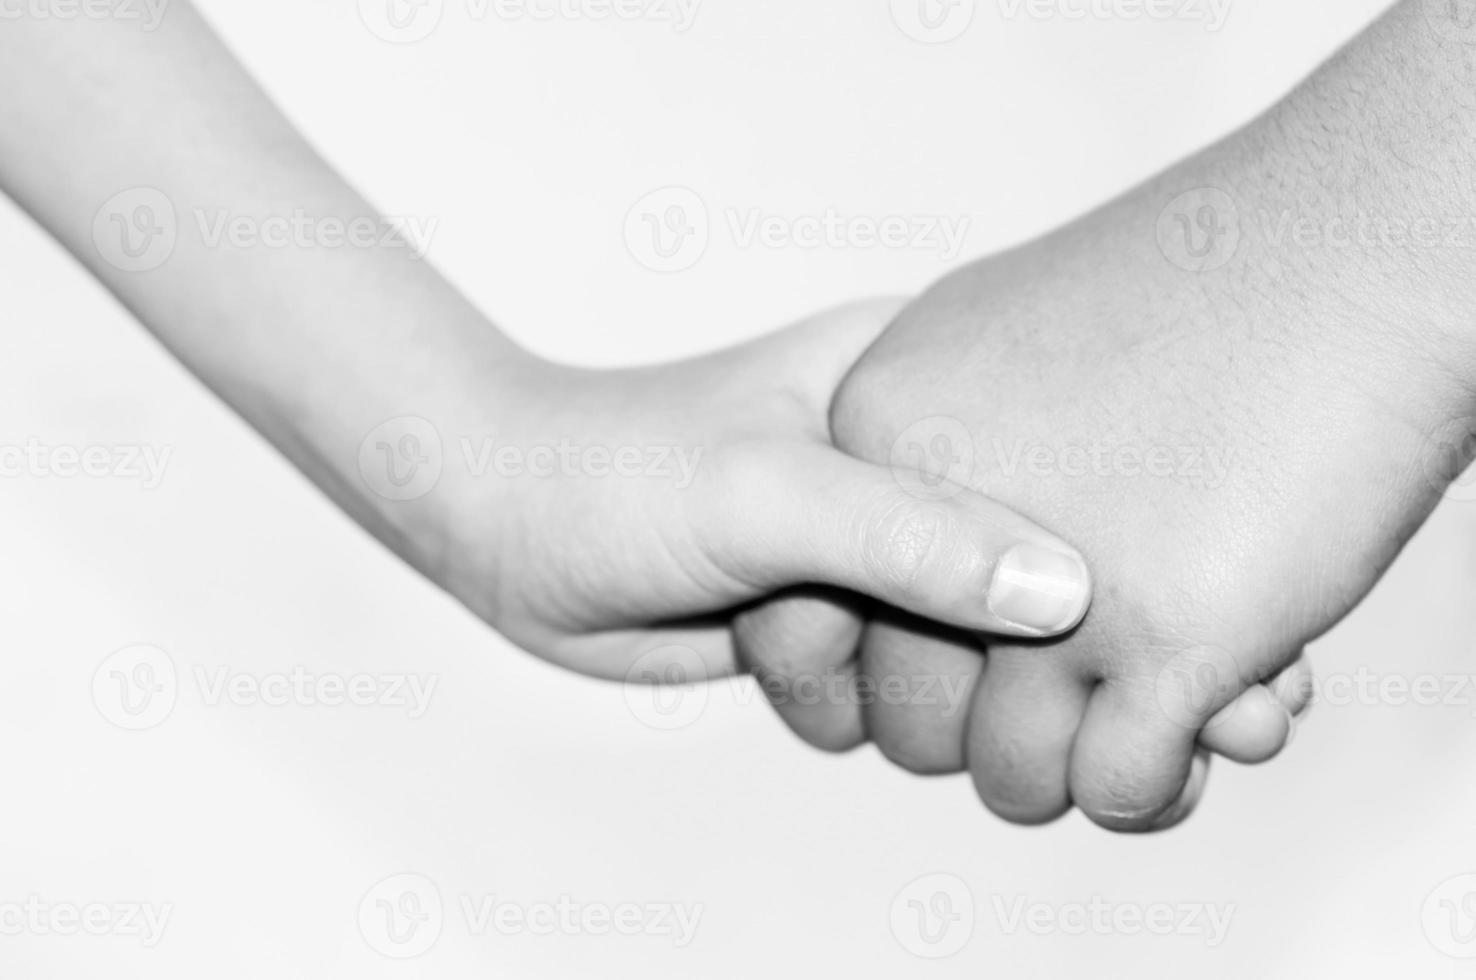 Schwester Hand halten ihren jüngeren Bruder Hand, schwarz und weiß foto